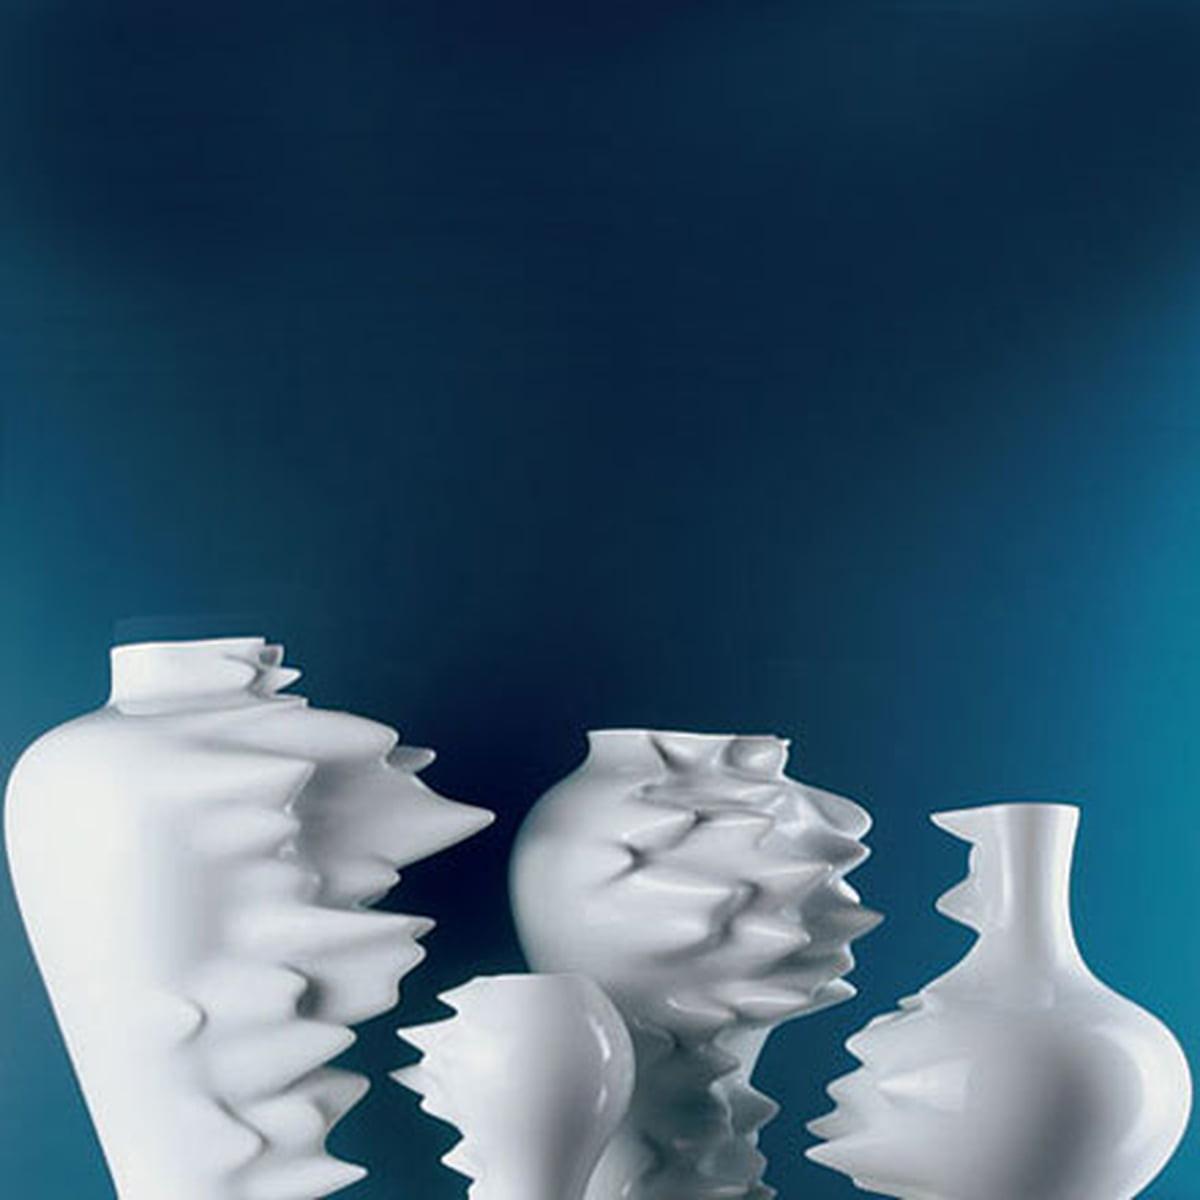 rosenthal vases for sale of fast vase rosenthal shop intended for rosenthal fast vase